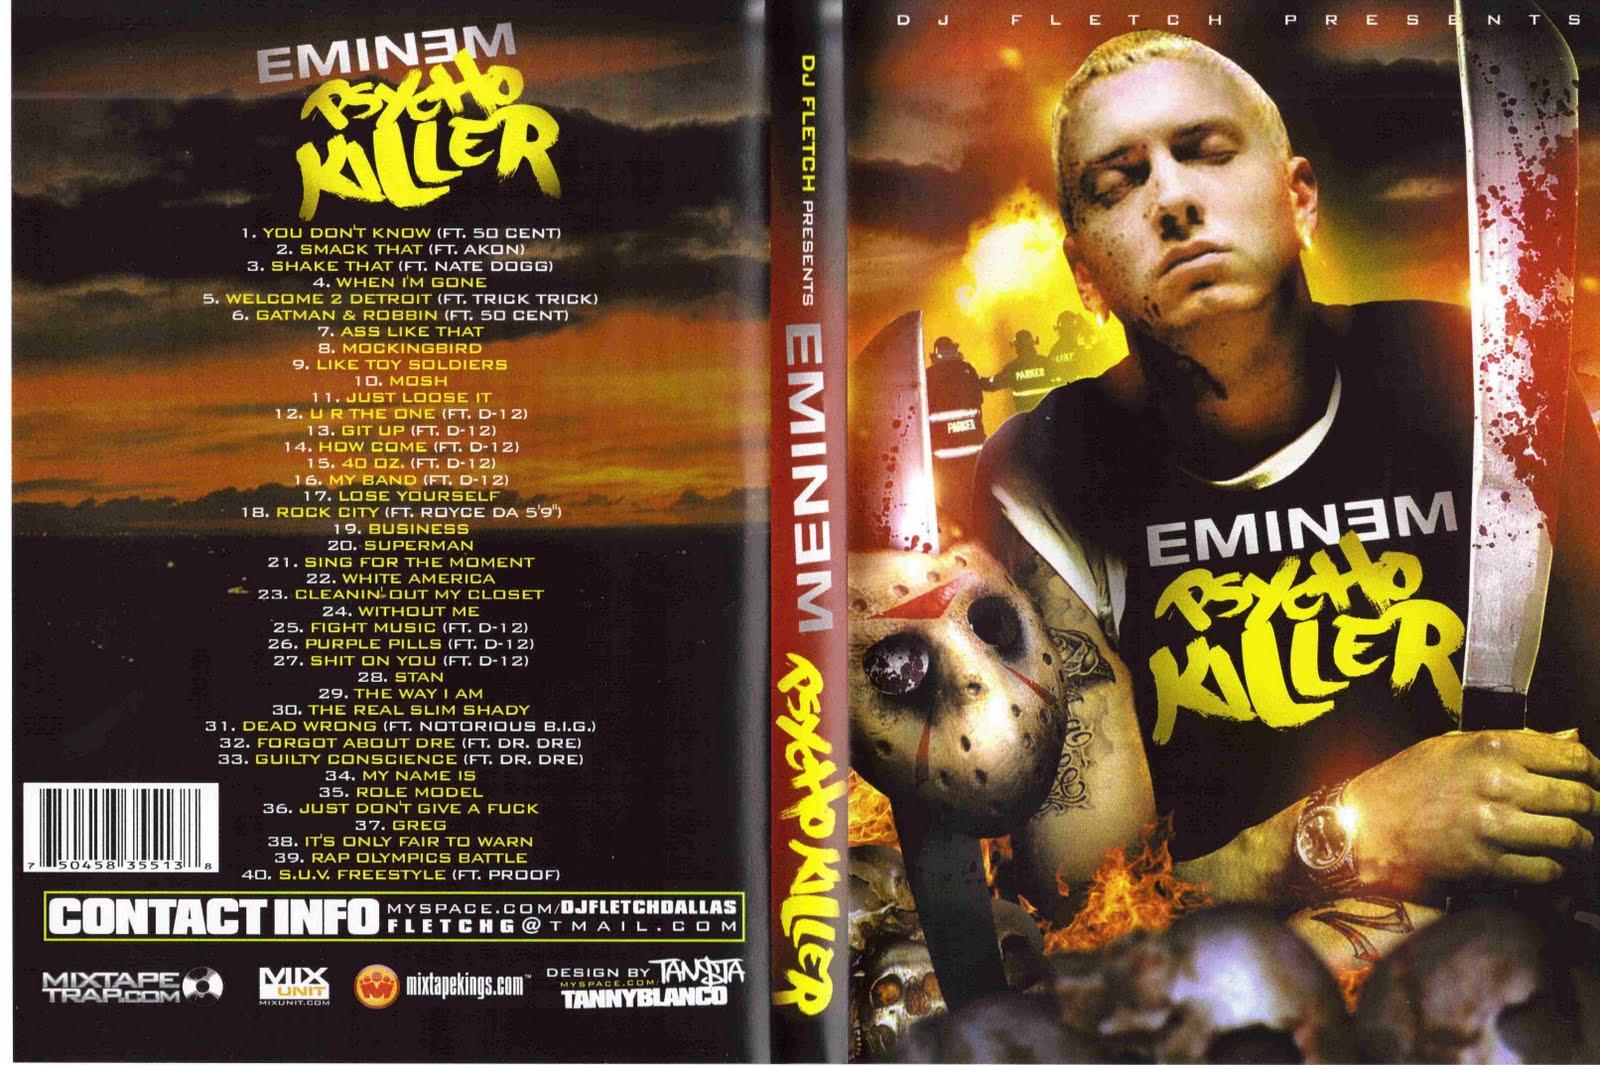 http://4.bp.blogspot.com/_N290Lrqq6og/TRLMxrNJ9TI/AAAAAAAAEUE/JDLAGnndeU8/s1600/00_eminem-psycho_killer-dvd-2008-smc_dvd.jpg